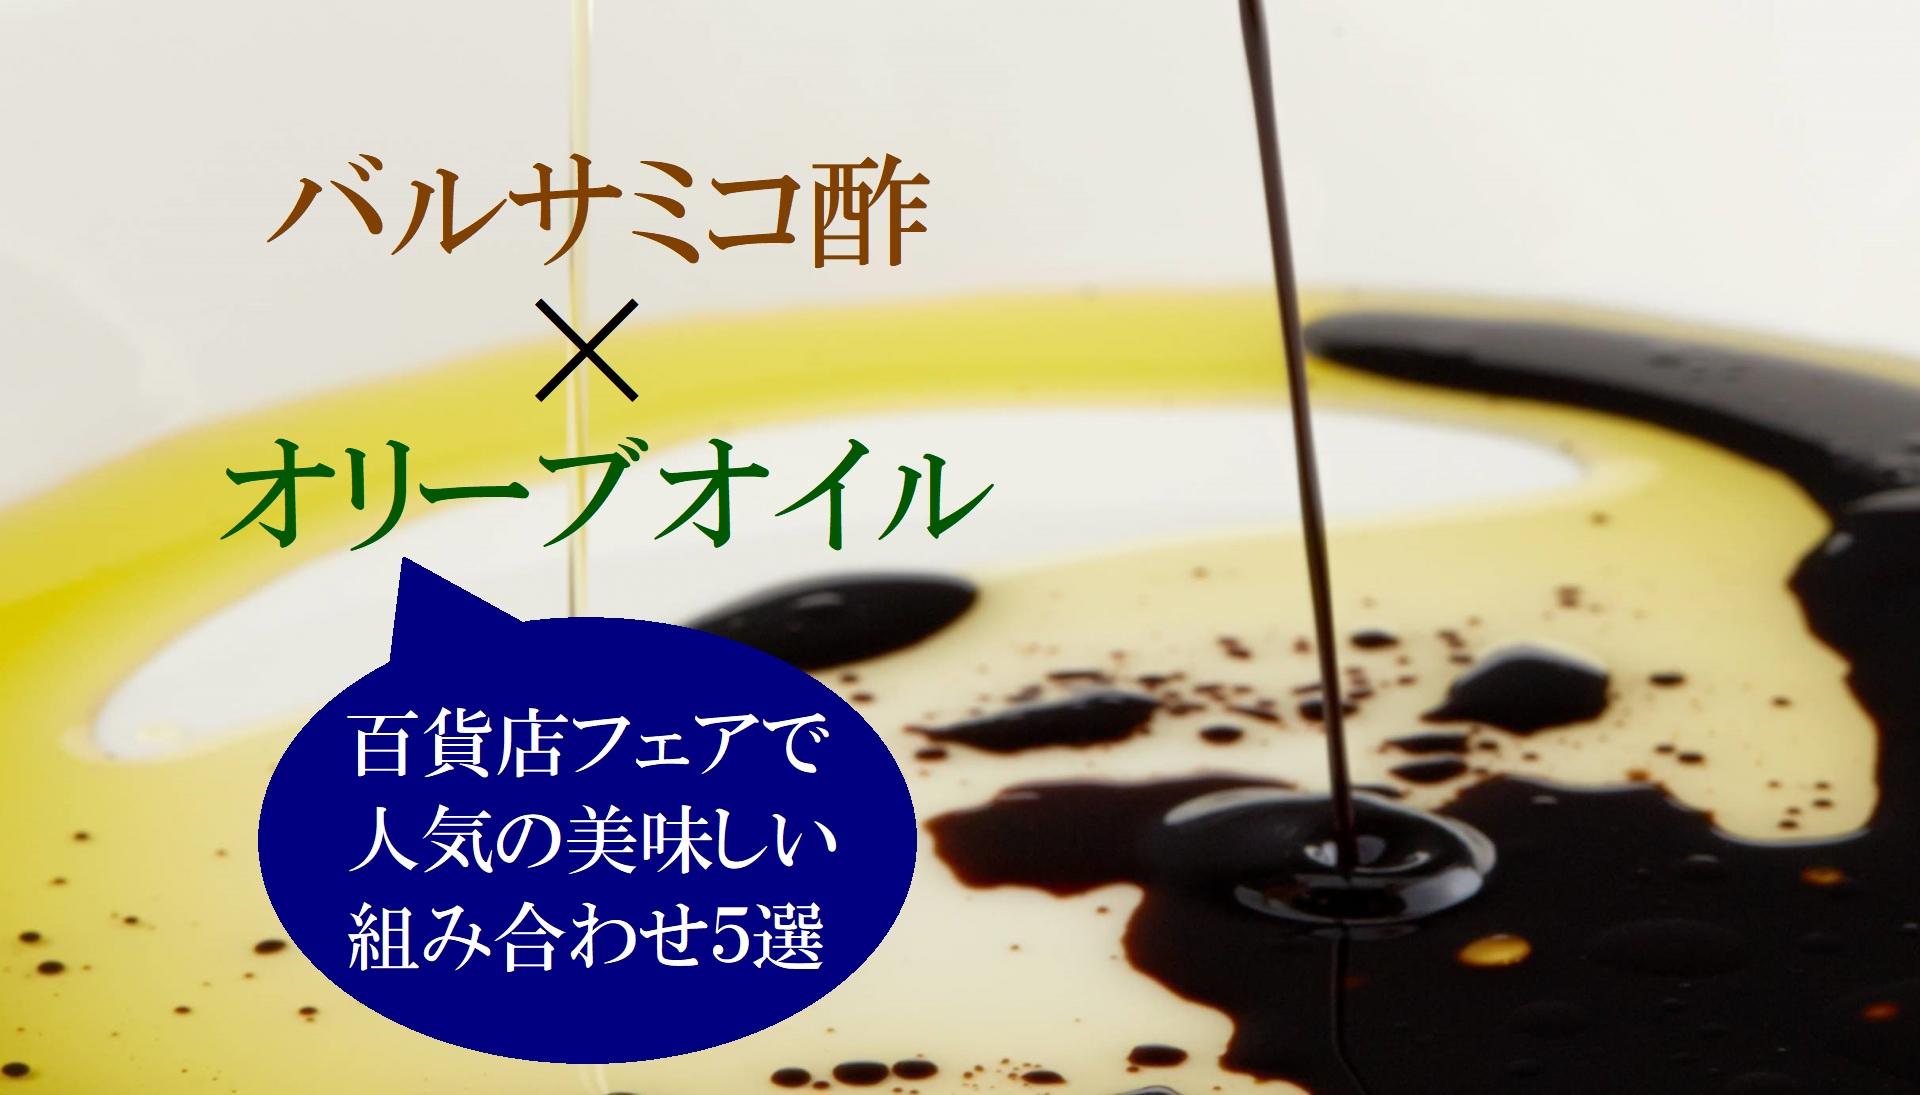 バルサミコ酢×オリーブオイル